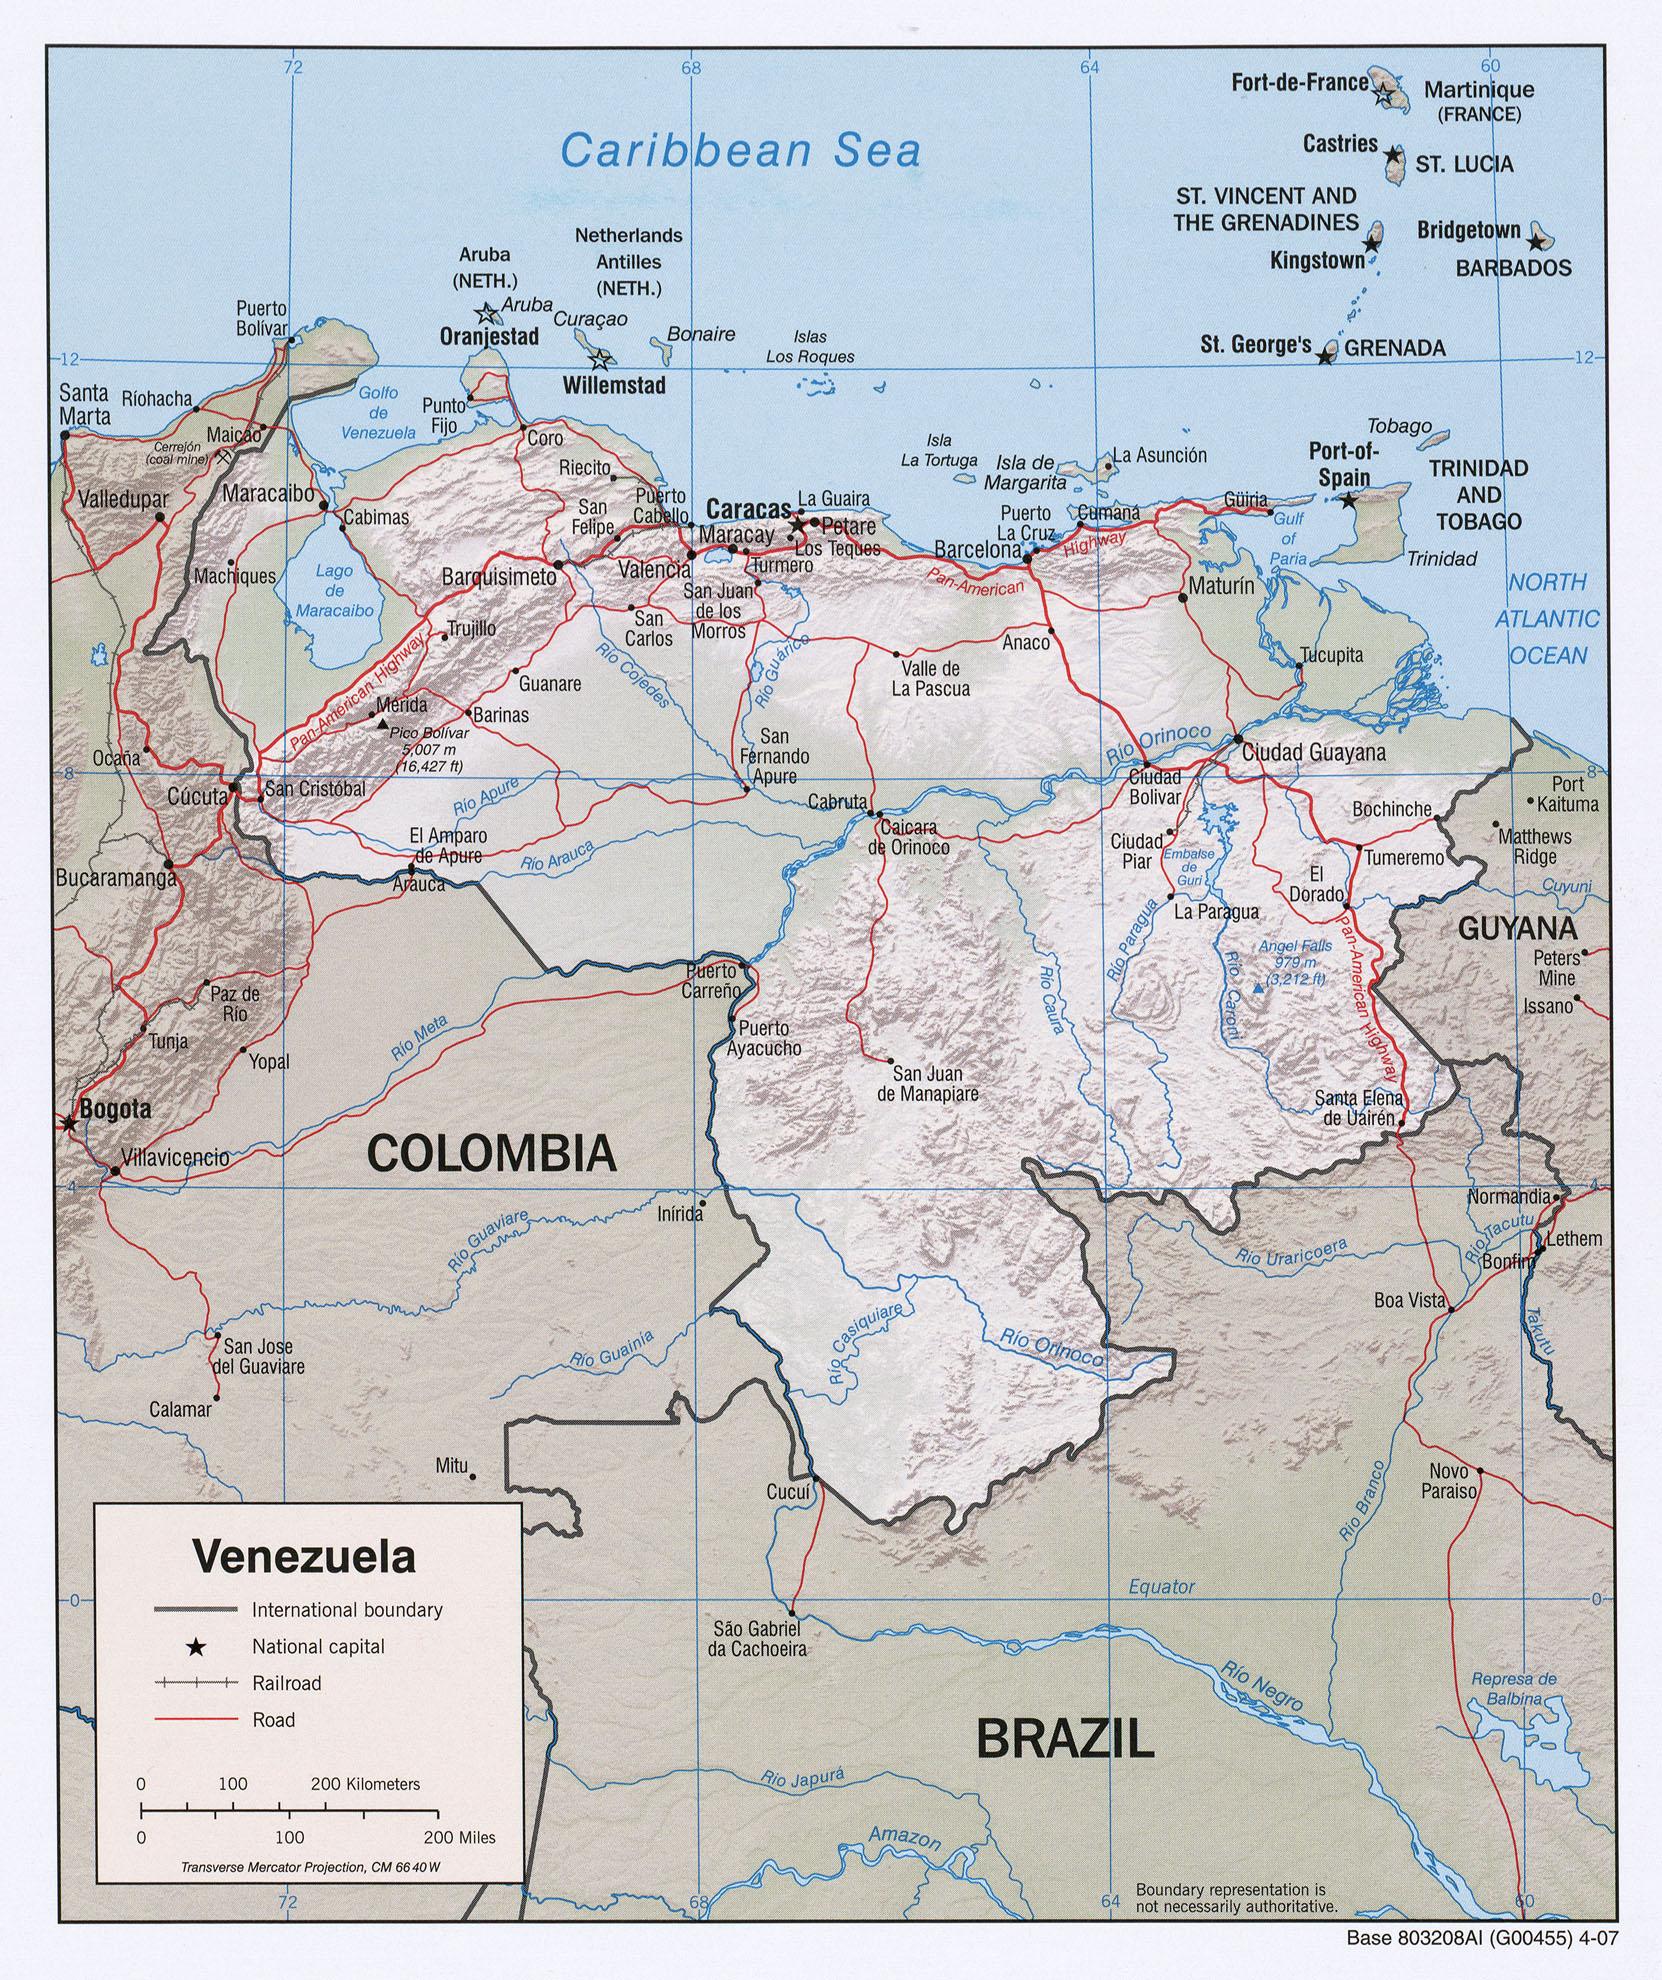 Carte géopolitique du Venezuela